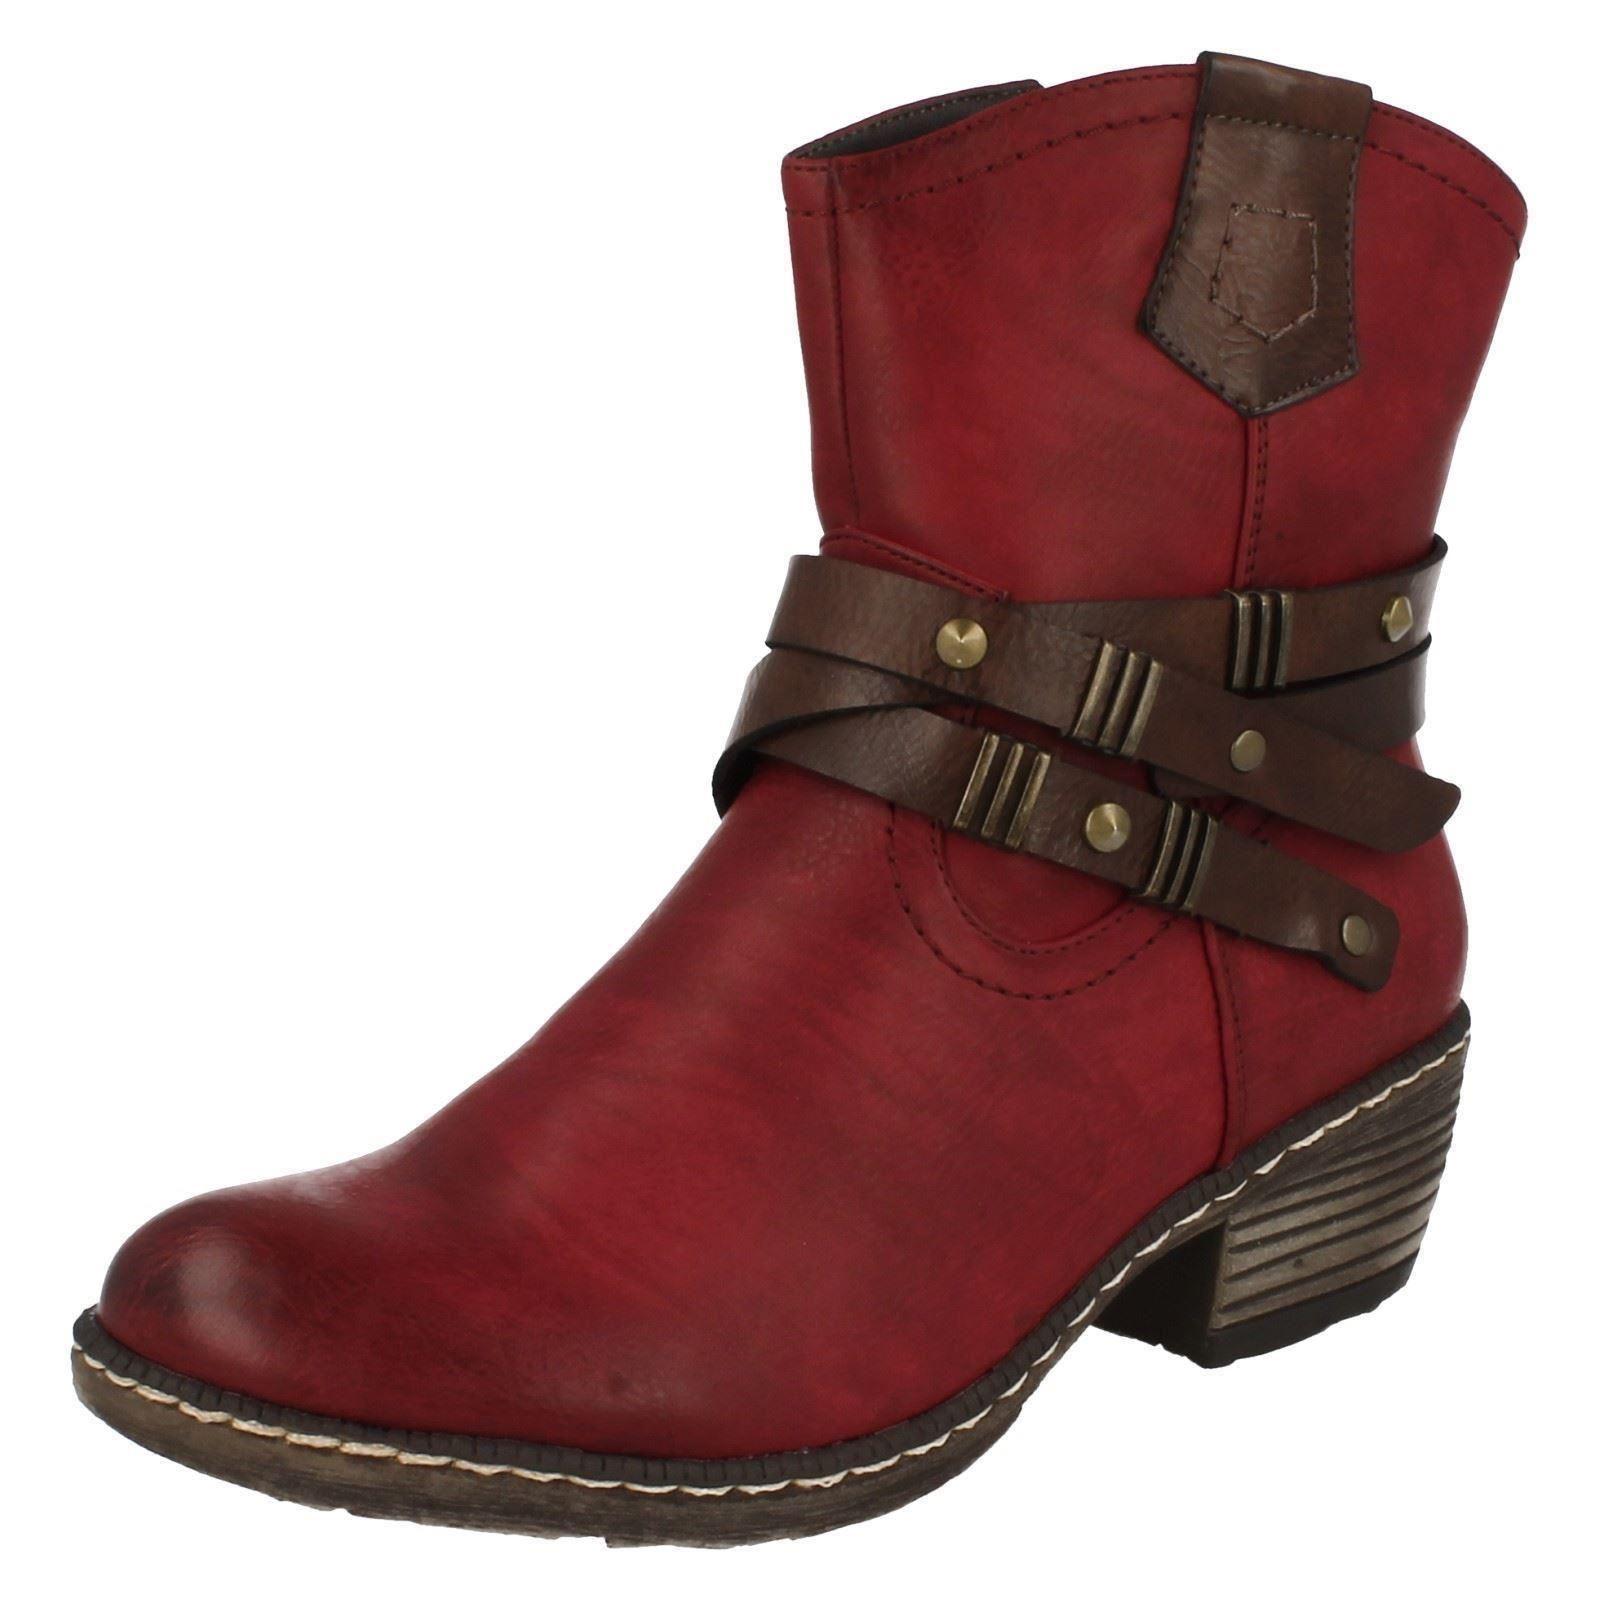 rieker fleece lined ankle boots k1472